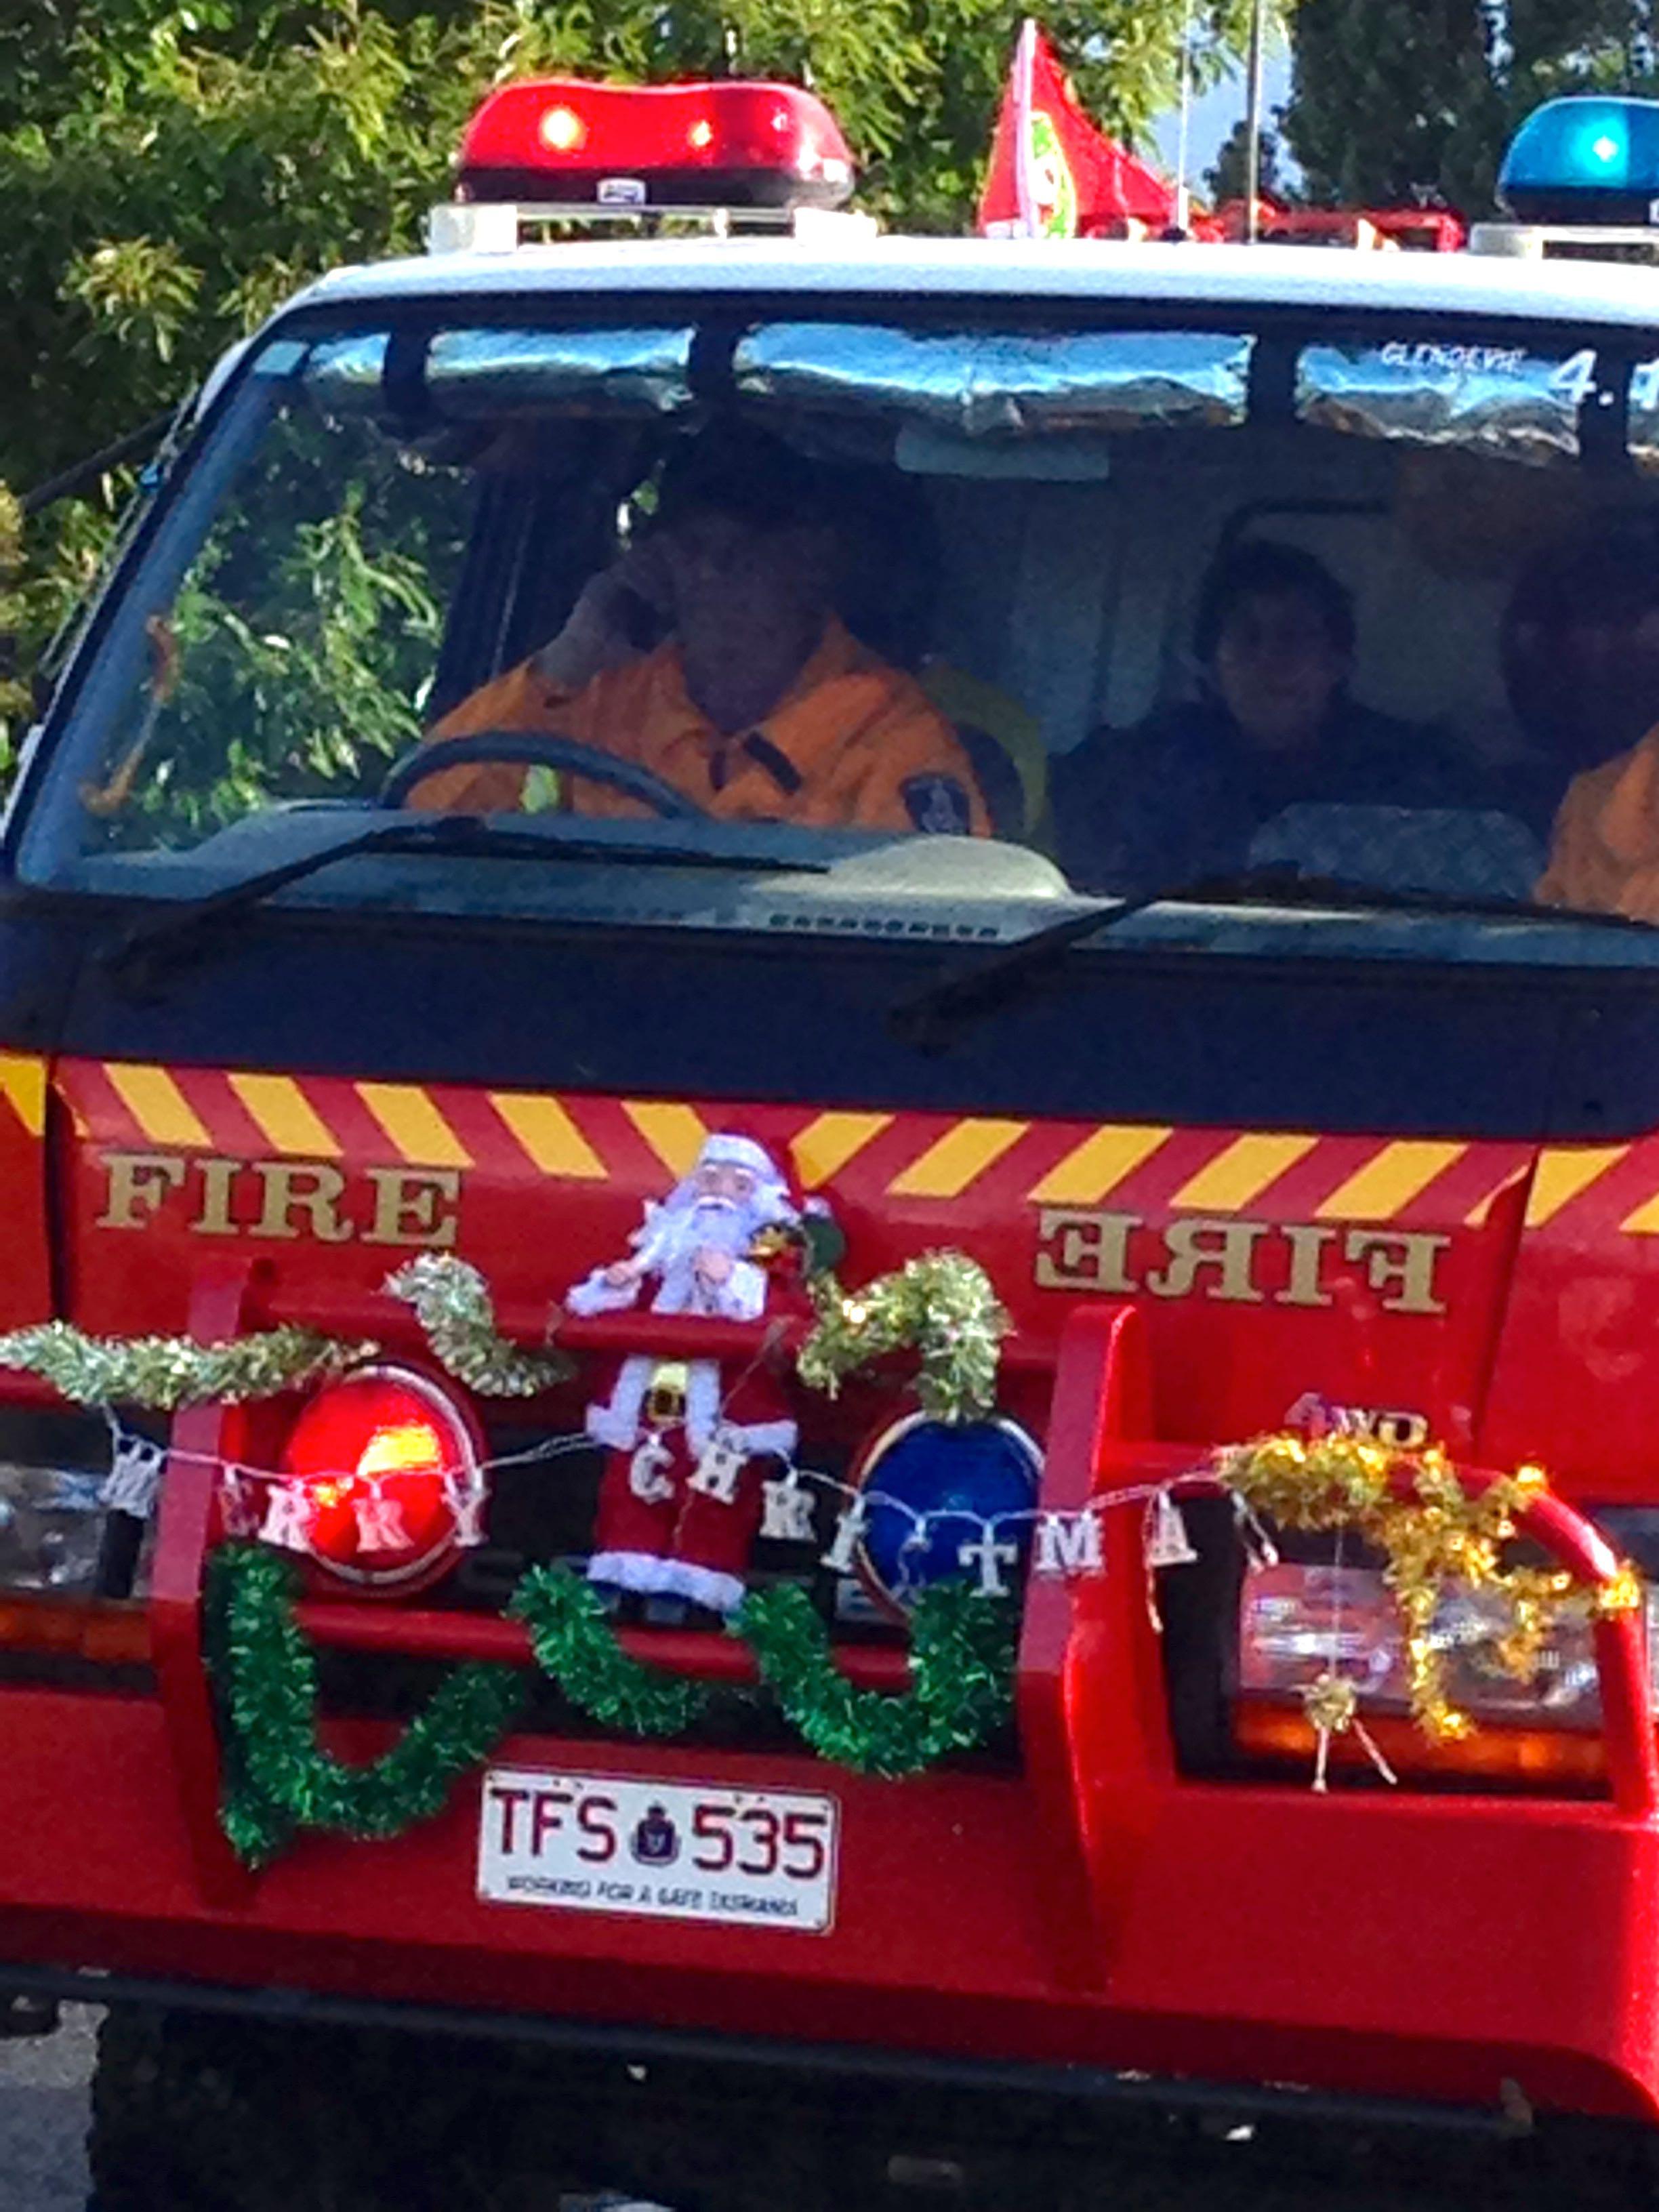 Our fire brigade's Christmas spirit